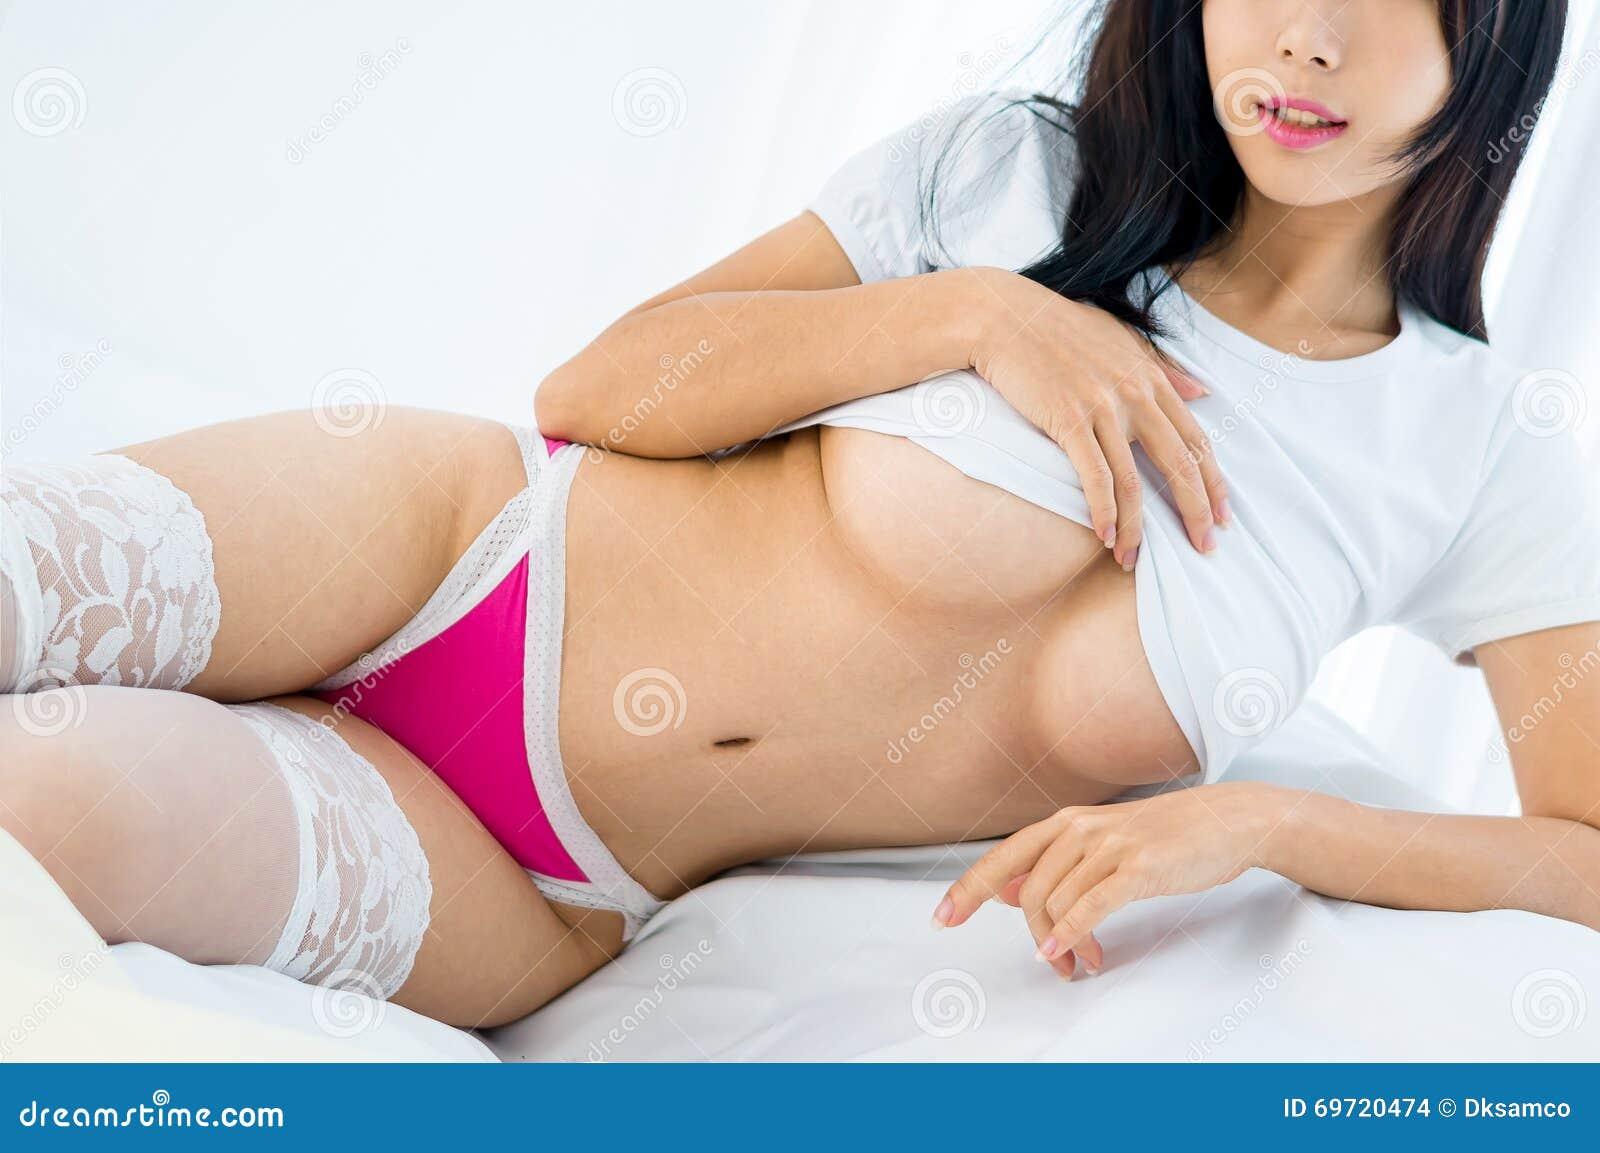 Obraz z kreskówkowego porno